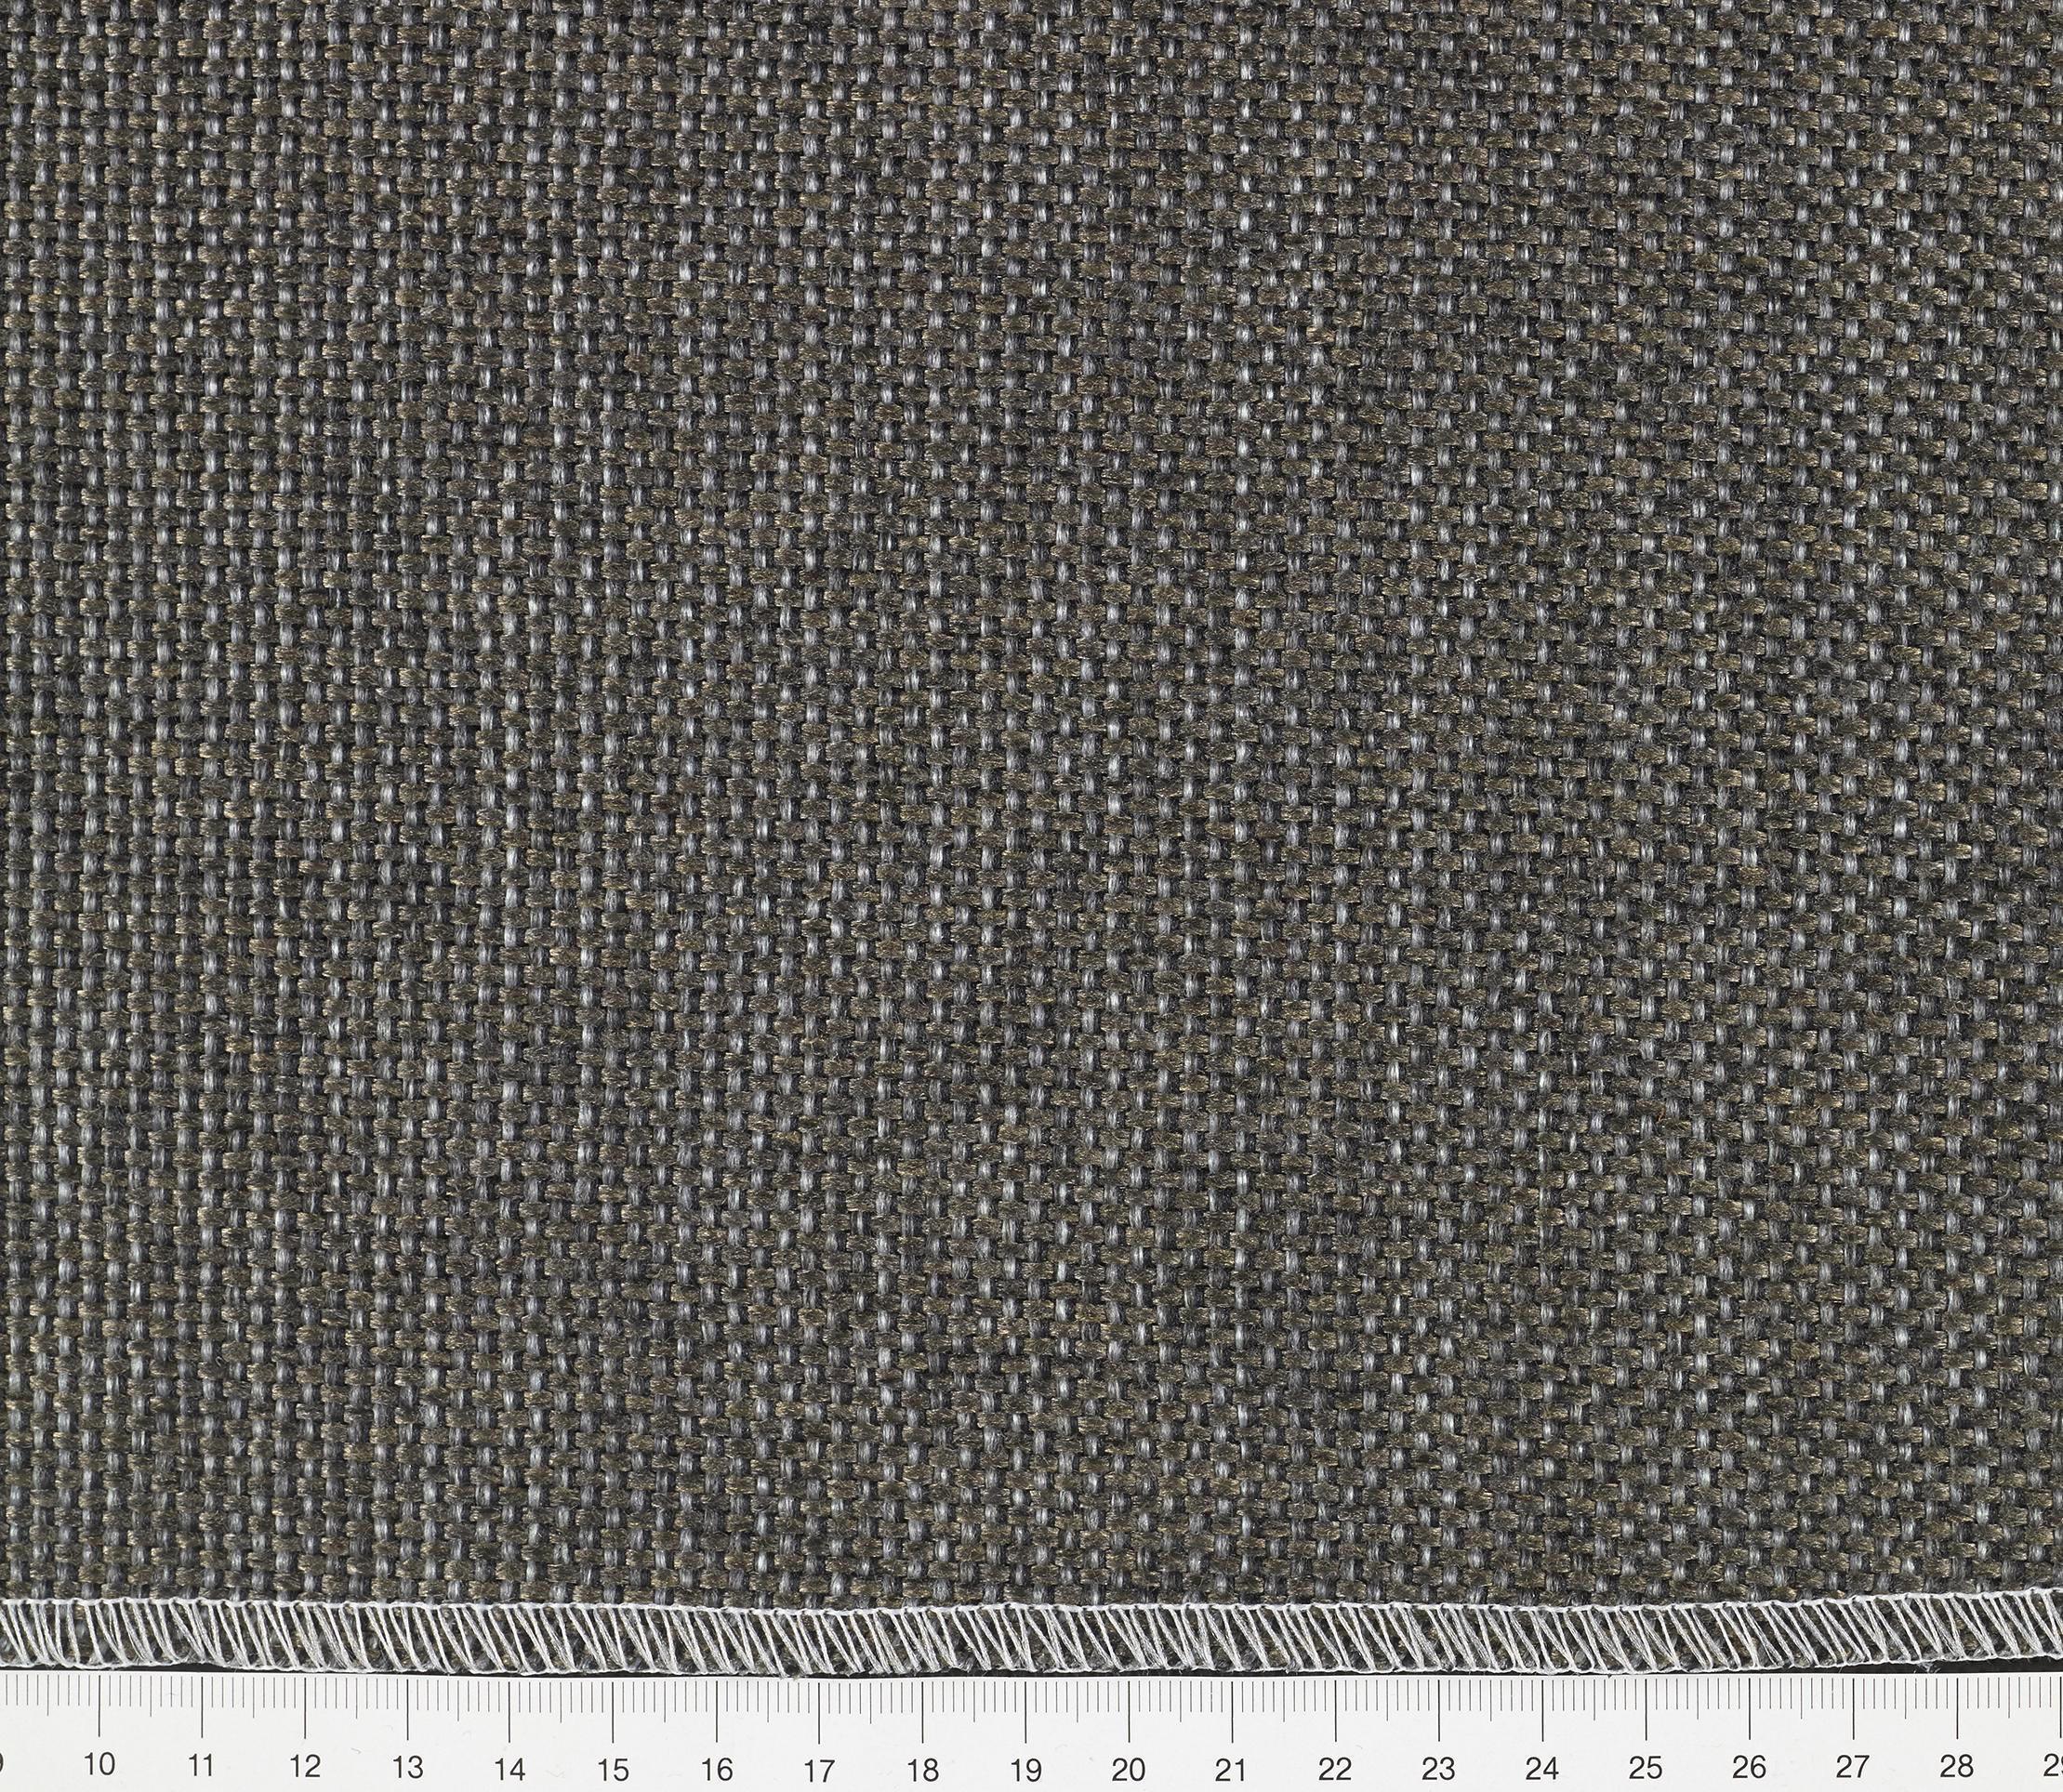 SCHLAFSOFA Braun - Wengefarben/Braun, KONVENTIONELL, Holz/Textil (200/80/94cm) - NOVEL